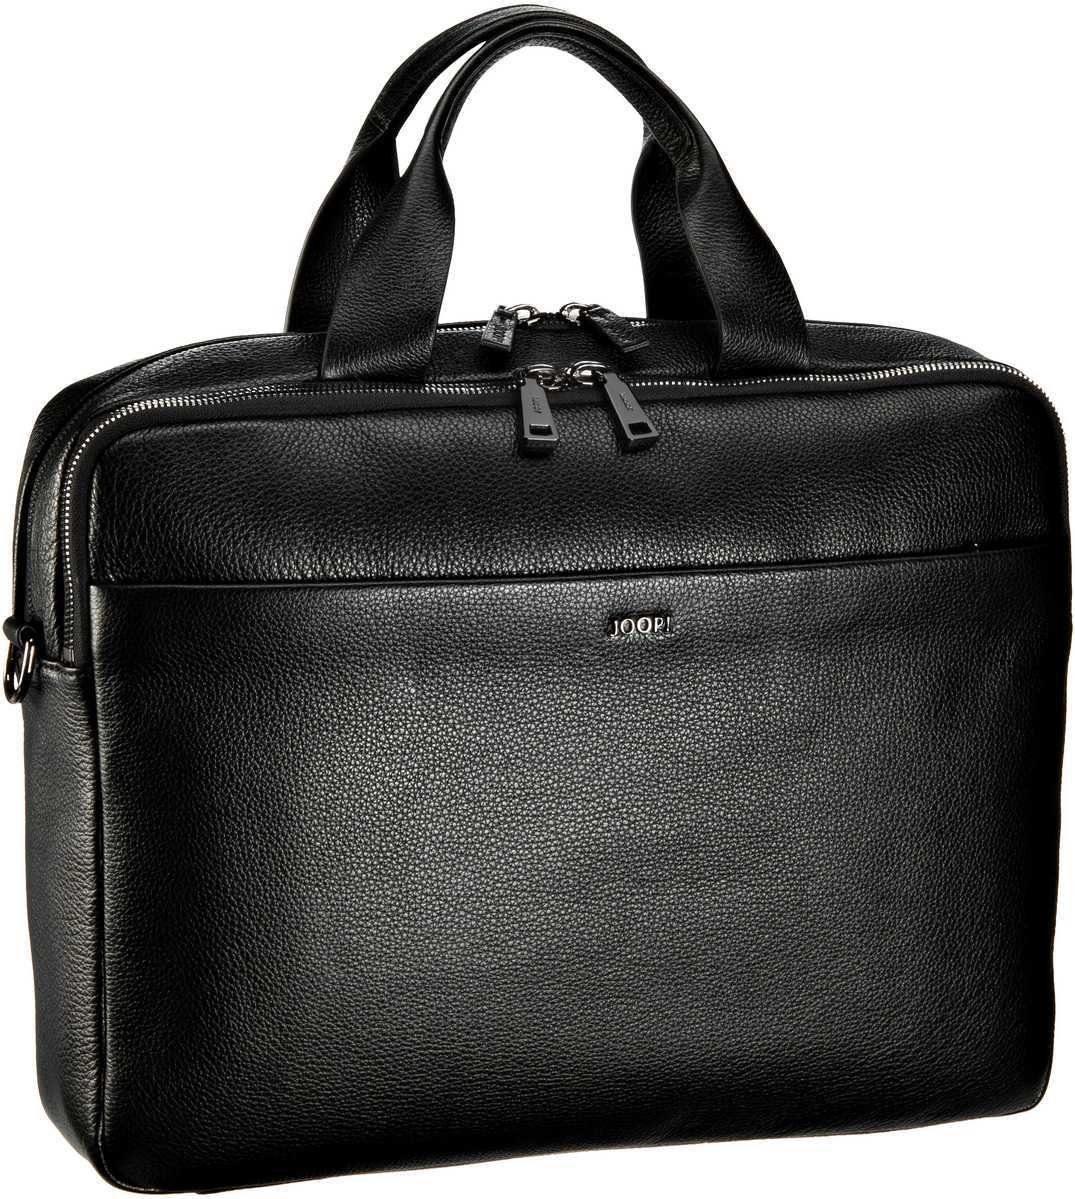 Joop Pandion Cross Grain Brief Bag Medium